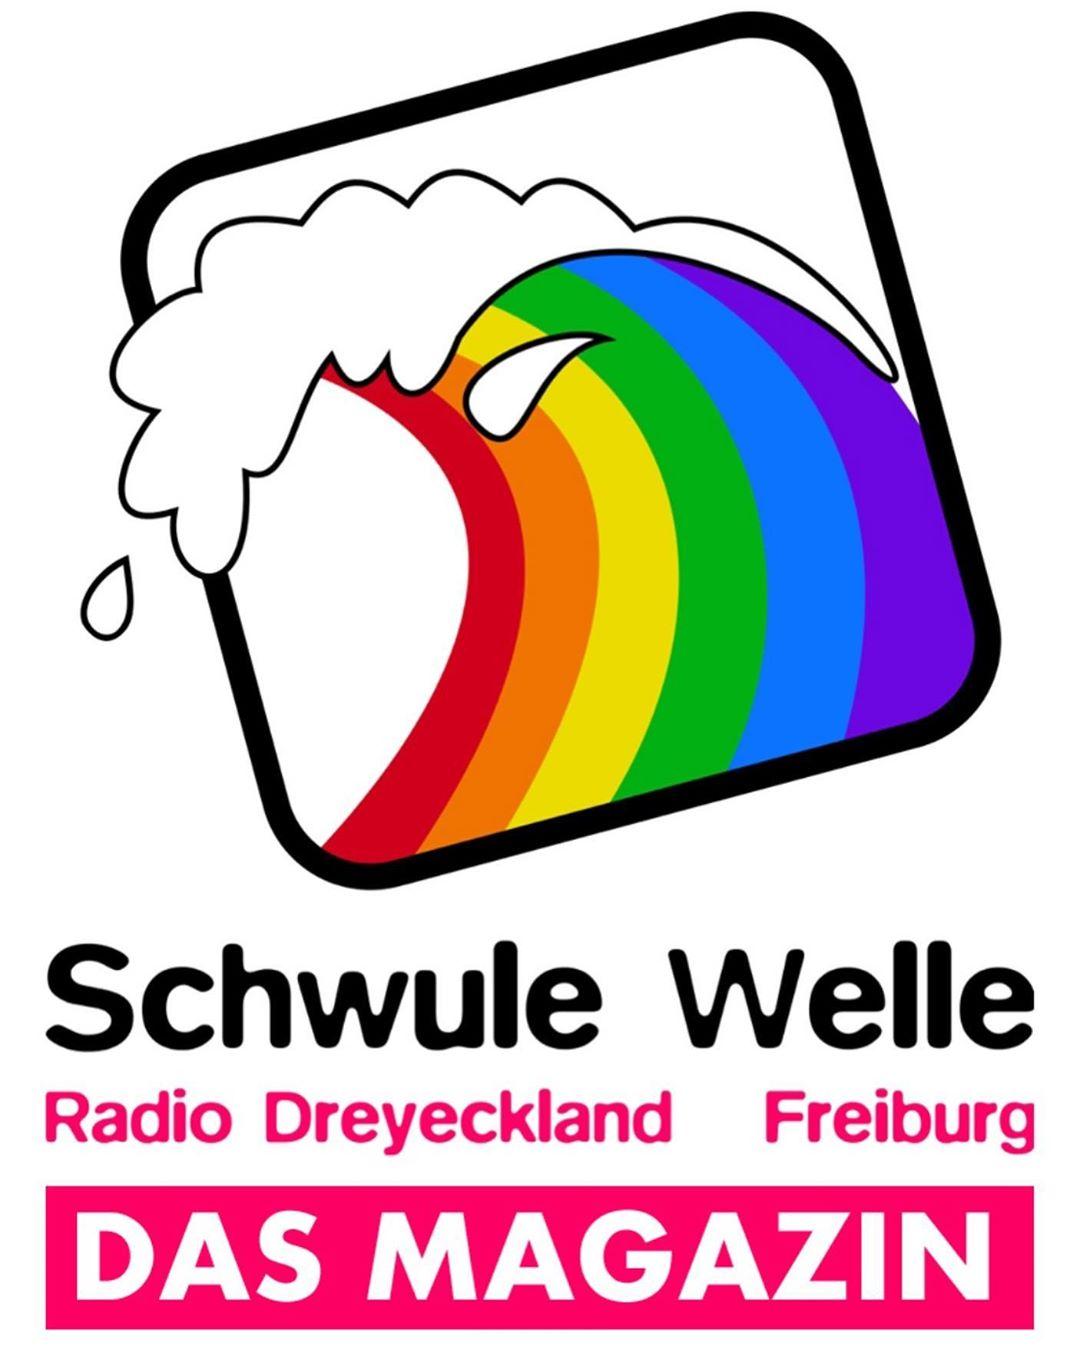 Das Magazin Logo